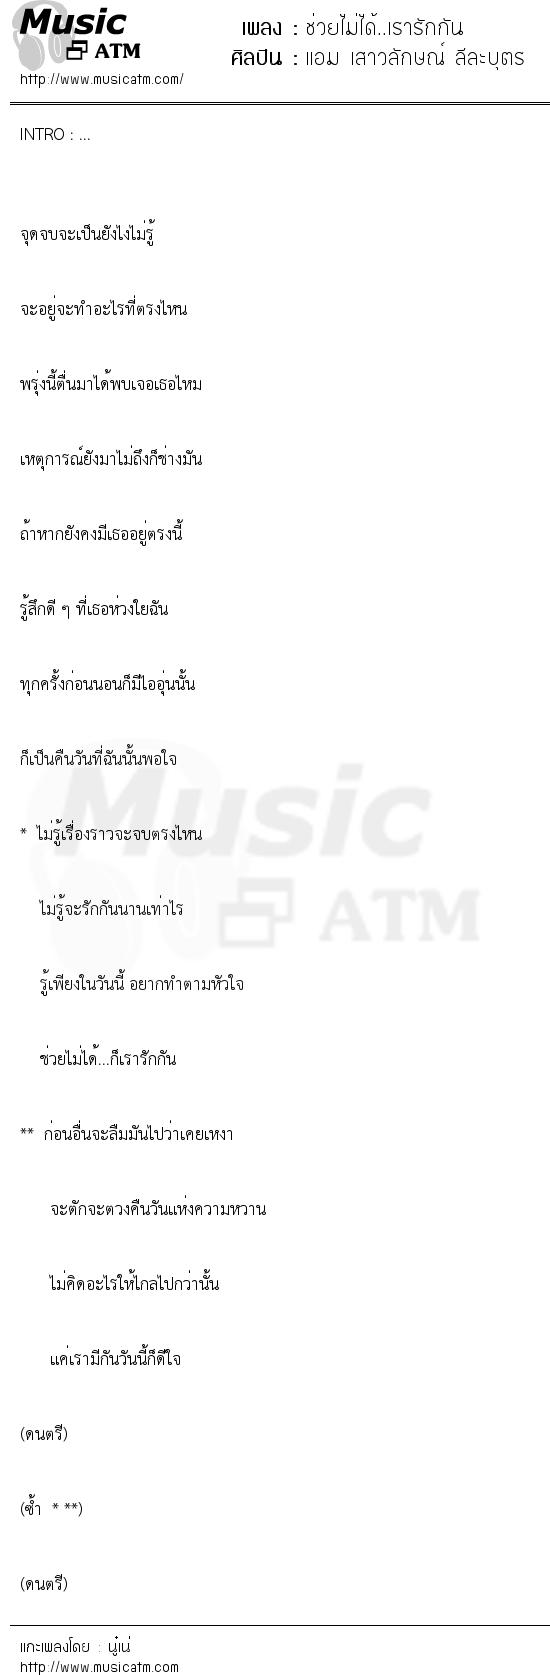 ช่วยไม่ได้..เรารักกัน | เพลงไทย